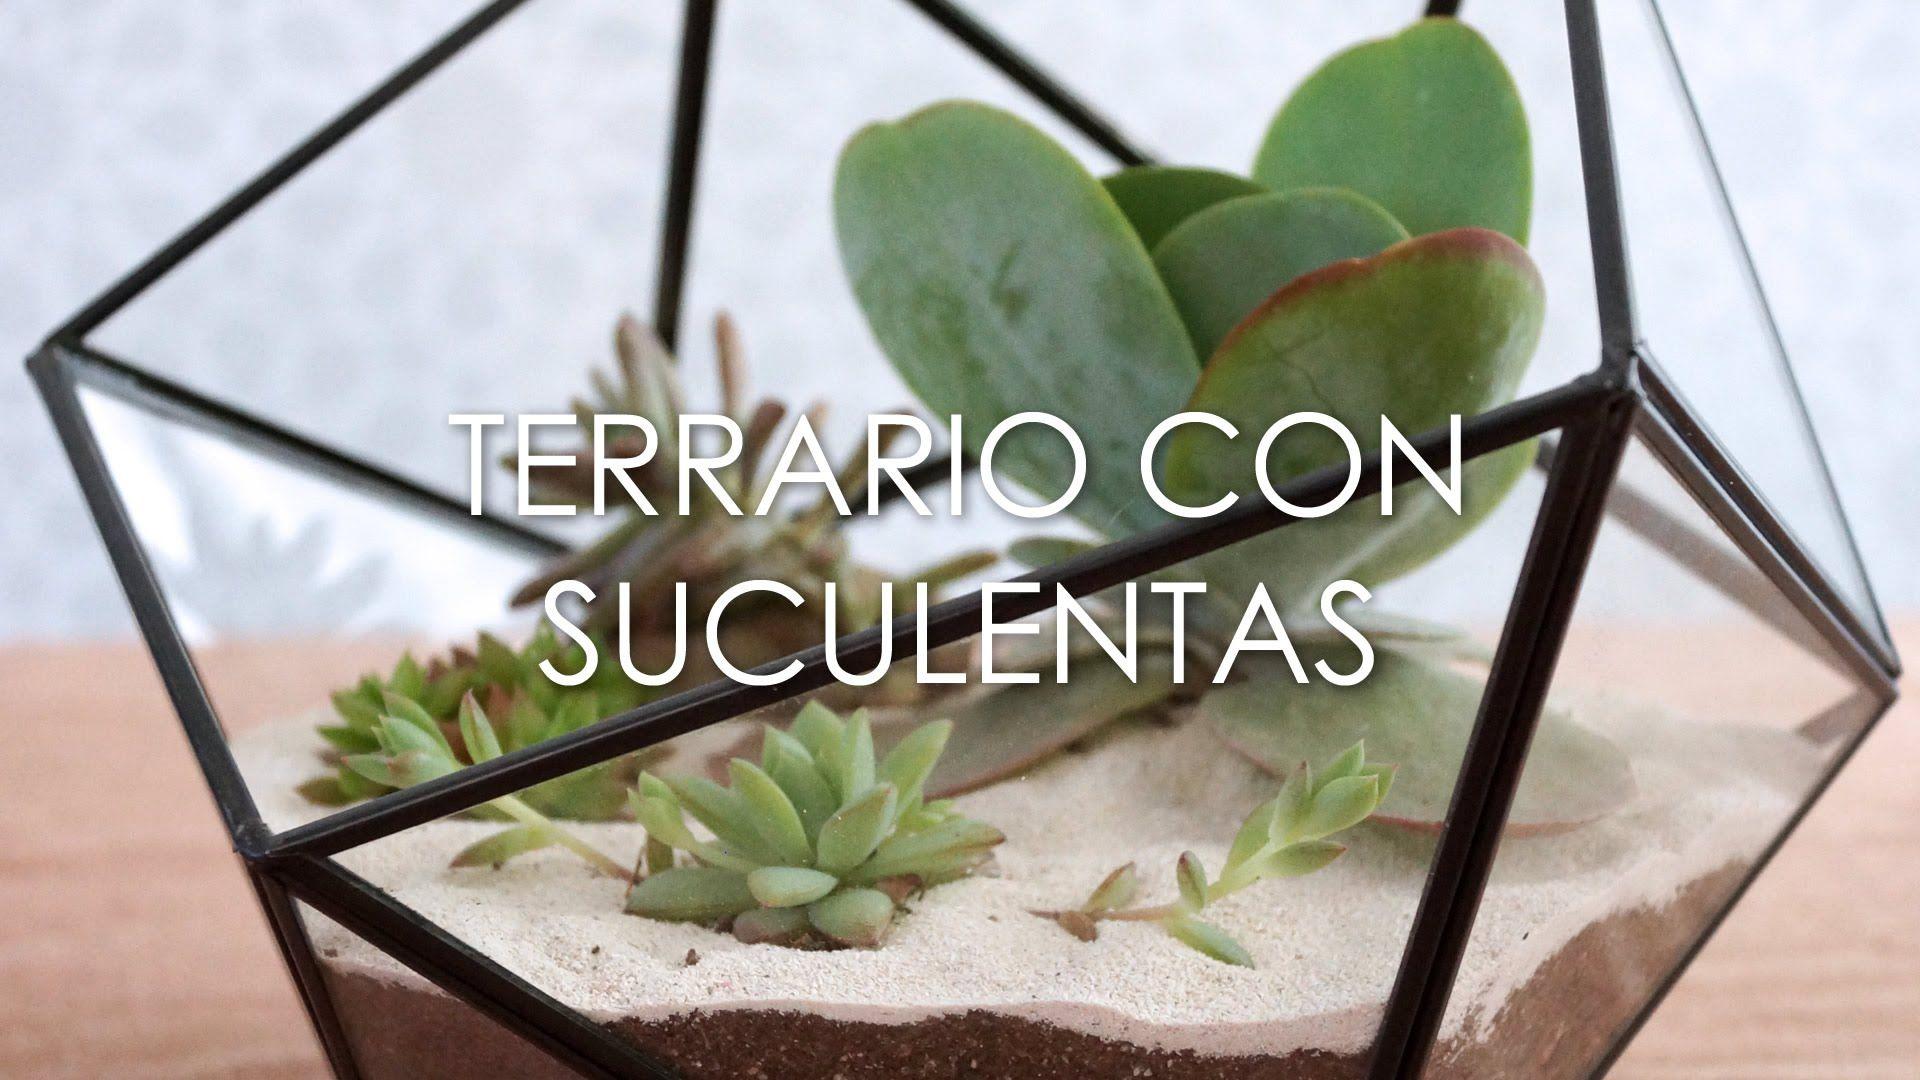 Diy Cómo Hacer Un Terrario De Suculentas Youtube Como Hacer Terrarios Terrarios Terrario De Suculentas